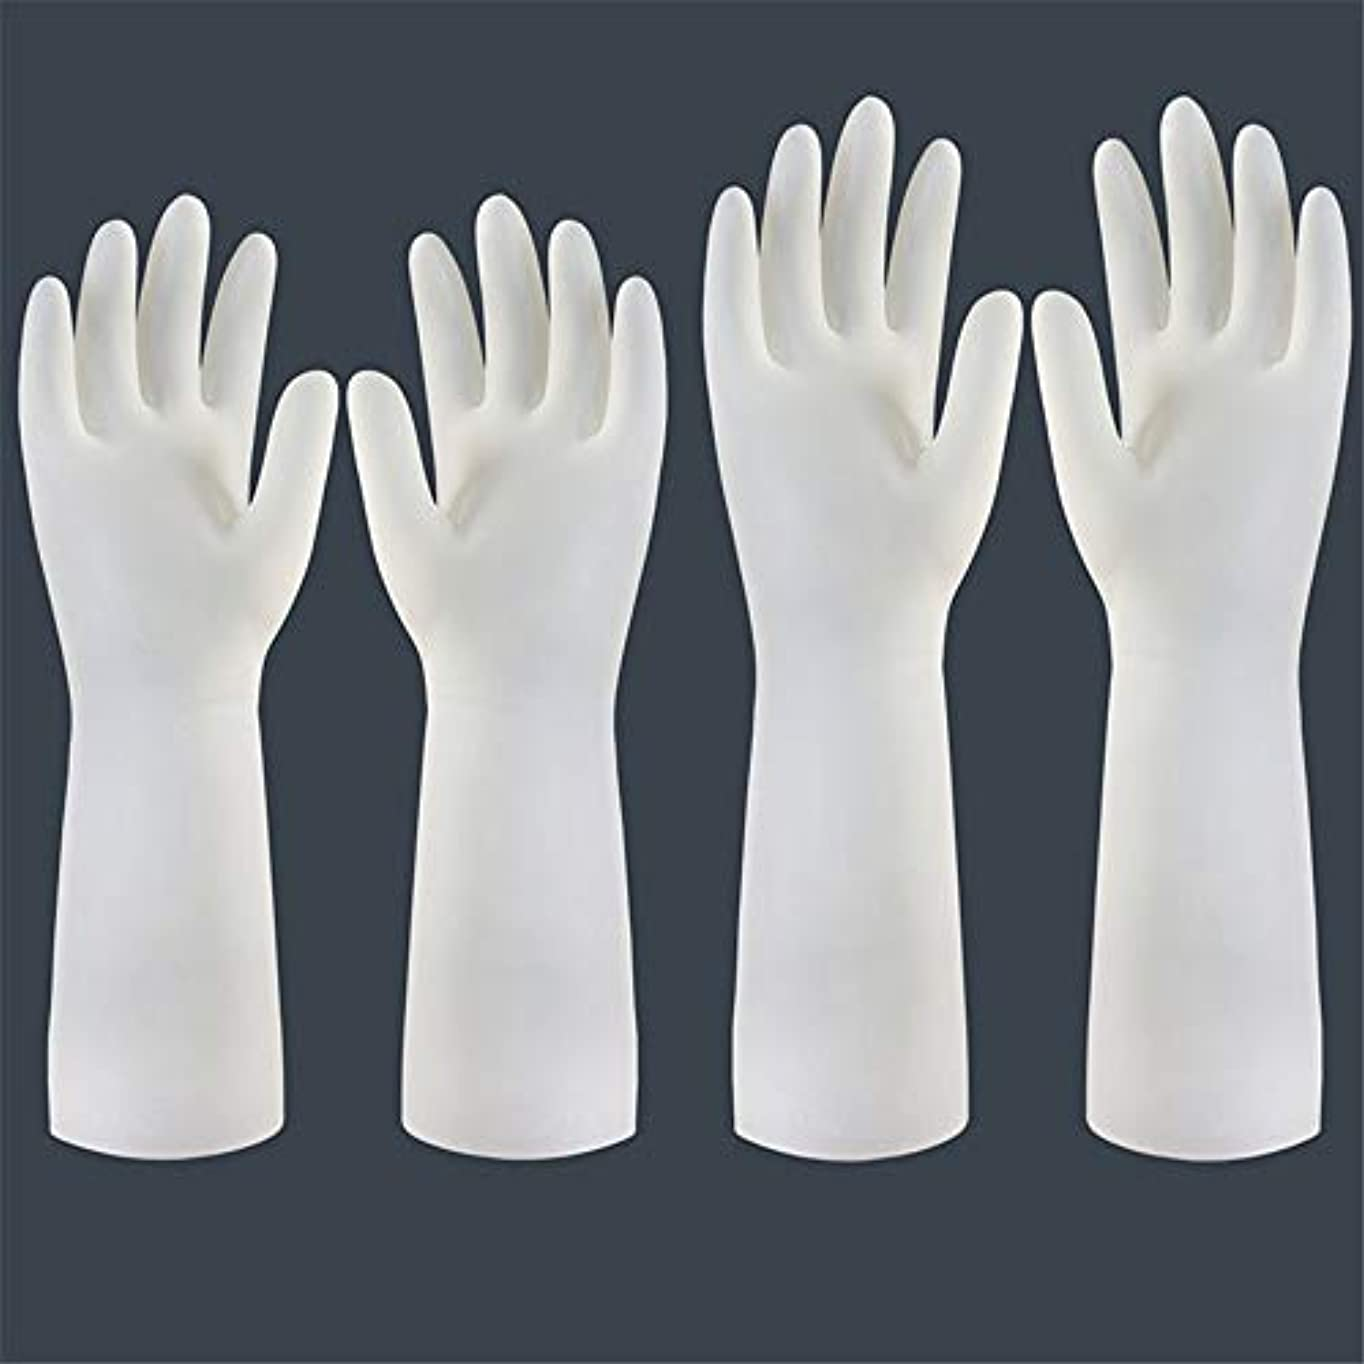 推進回転する警察ニトリルゴム手袋 使い捨て手袋の防水および耐久のゴム製台所手袋、小/中/大 使い捨て手袋 (Color : Short+long, Size : M)